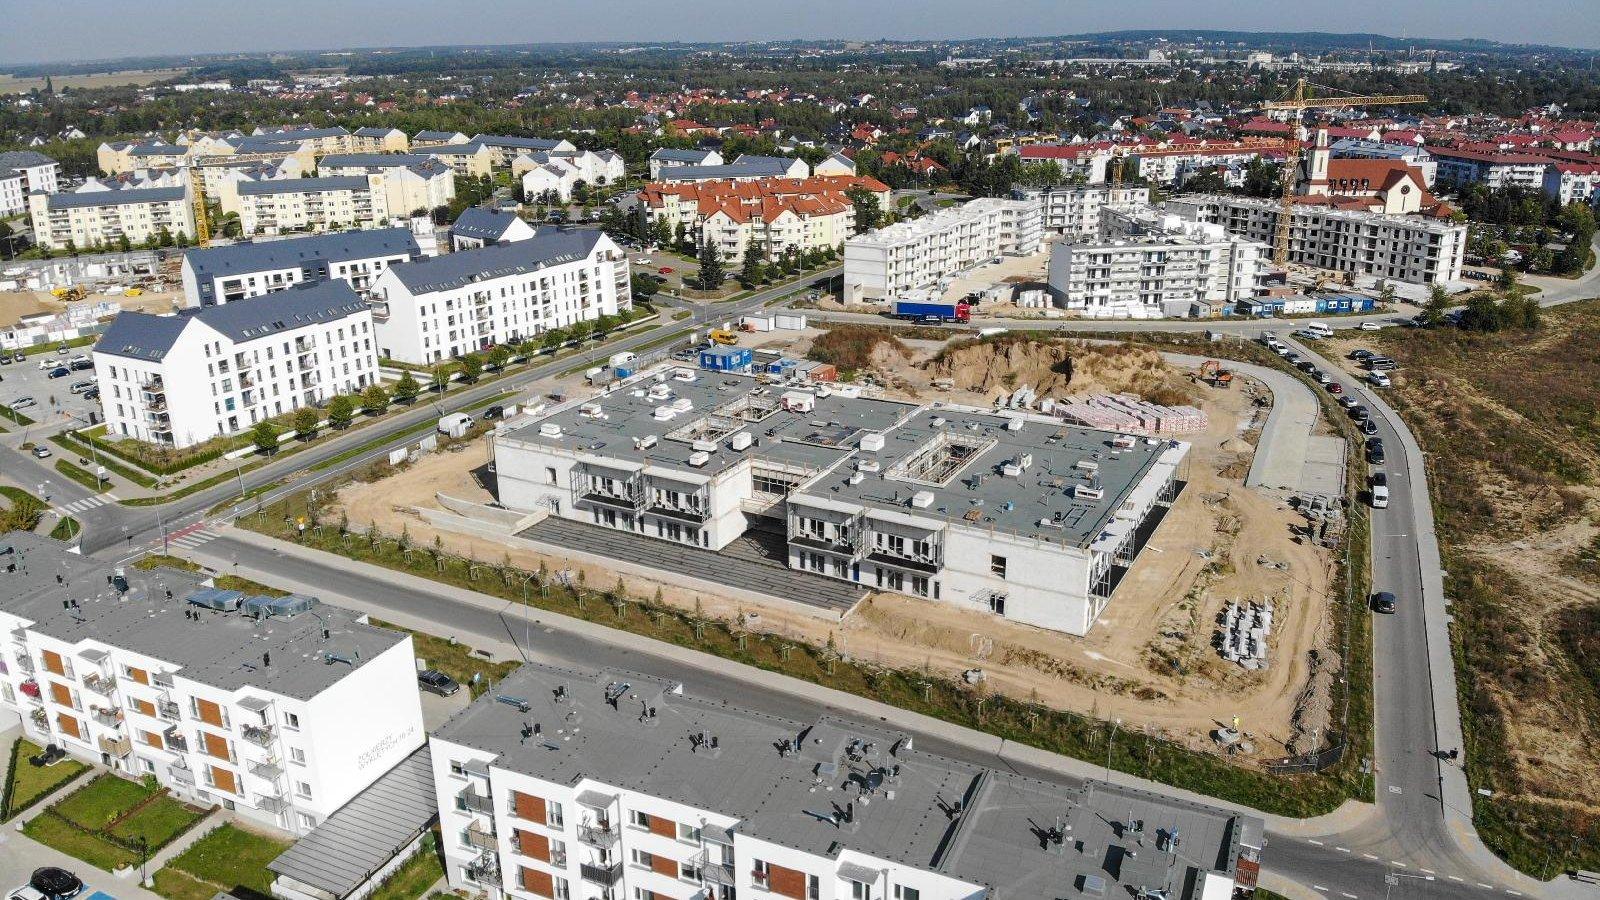 Widok na budowę DPS oraz okoliczne budynki z lotu ptaka - grafika artykułu